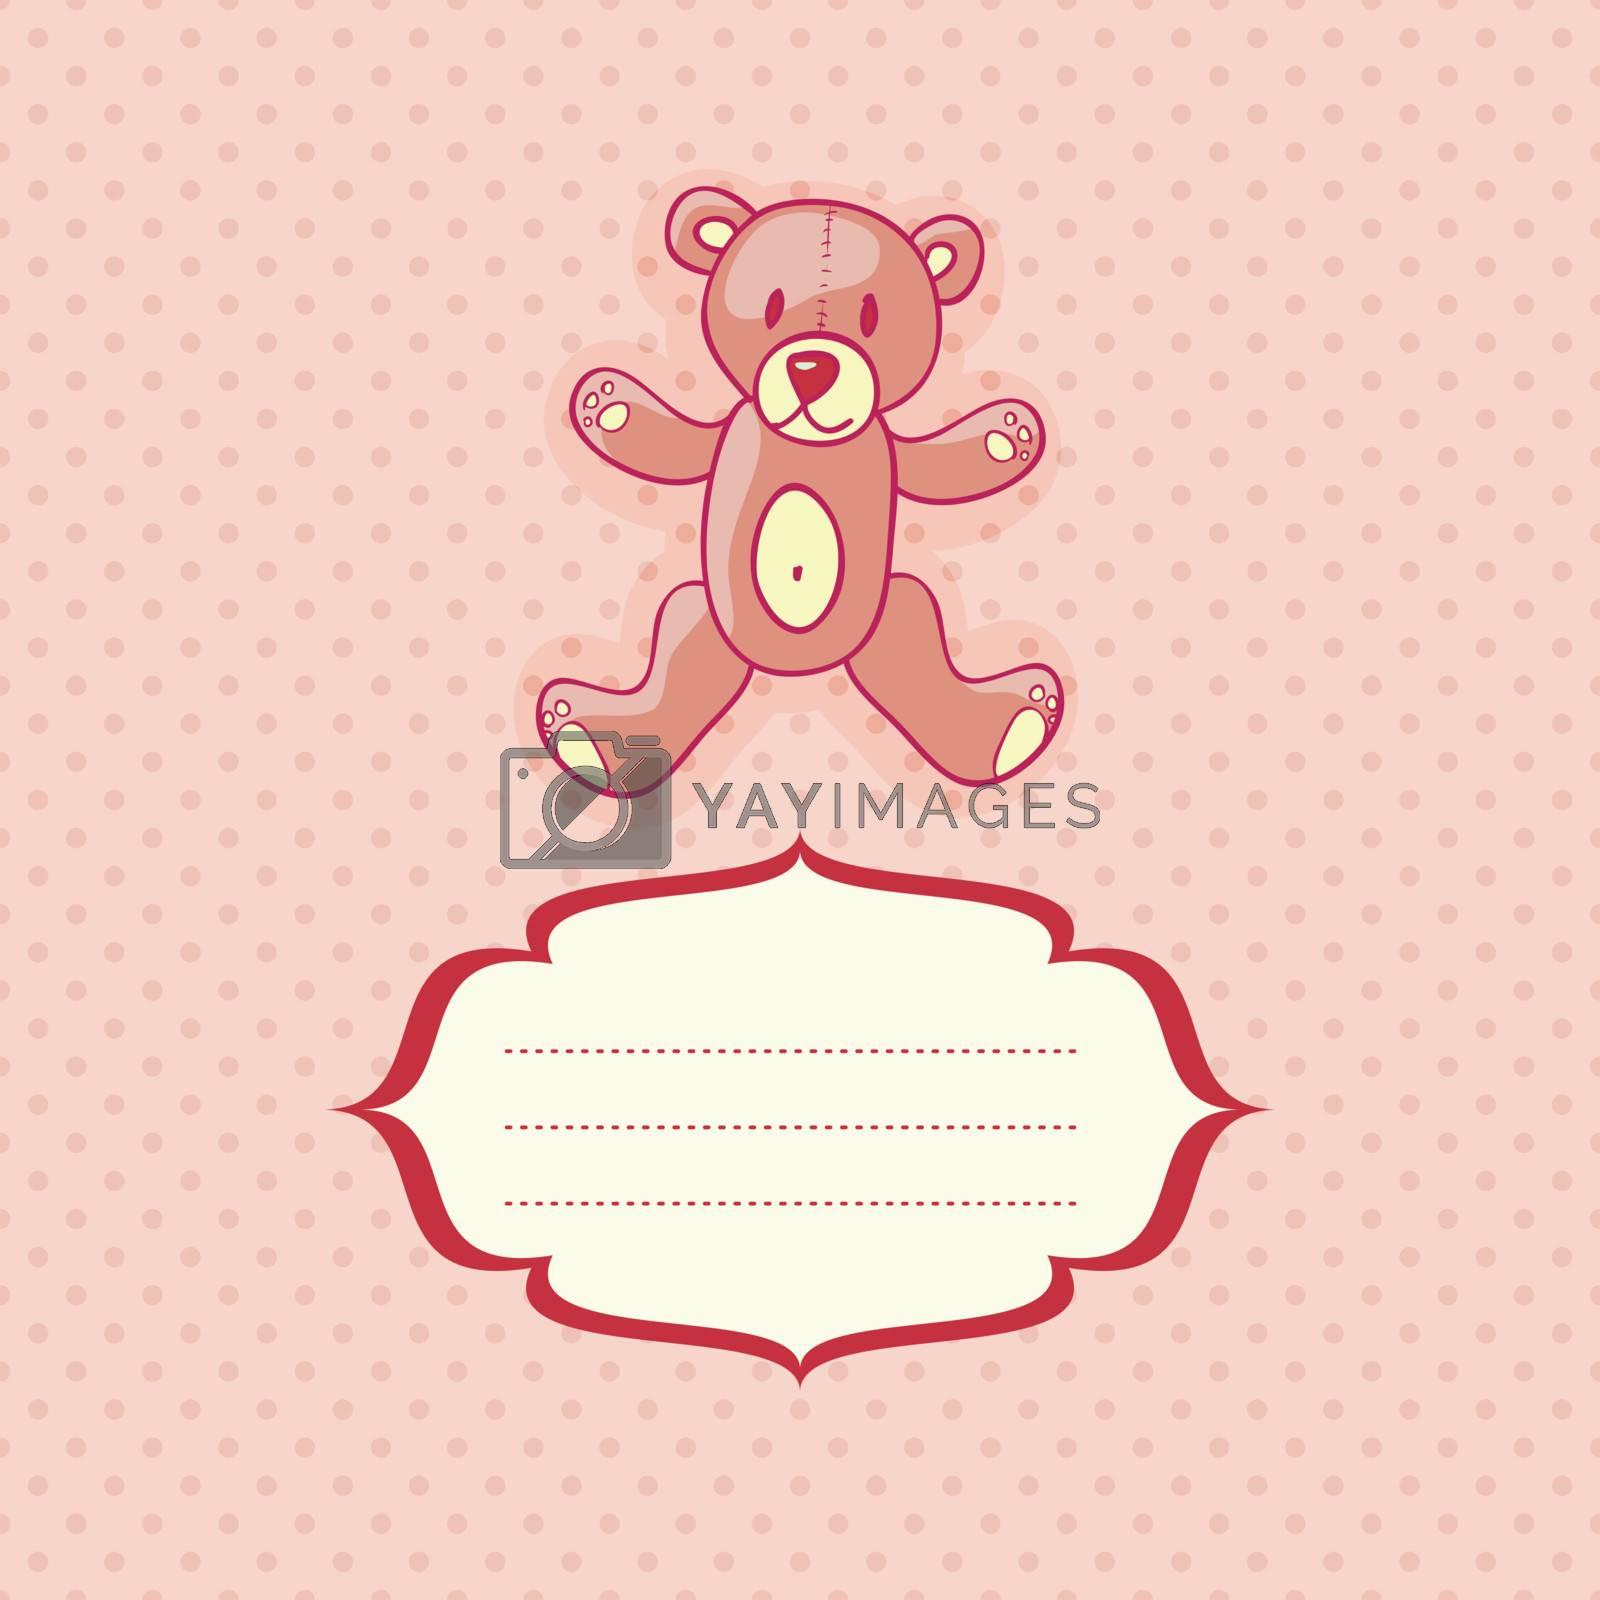 cute teddy bear card, vector illustration, eps10